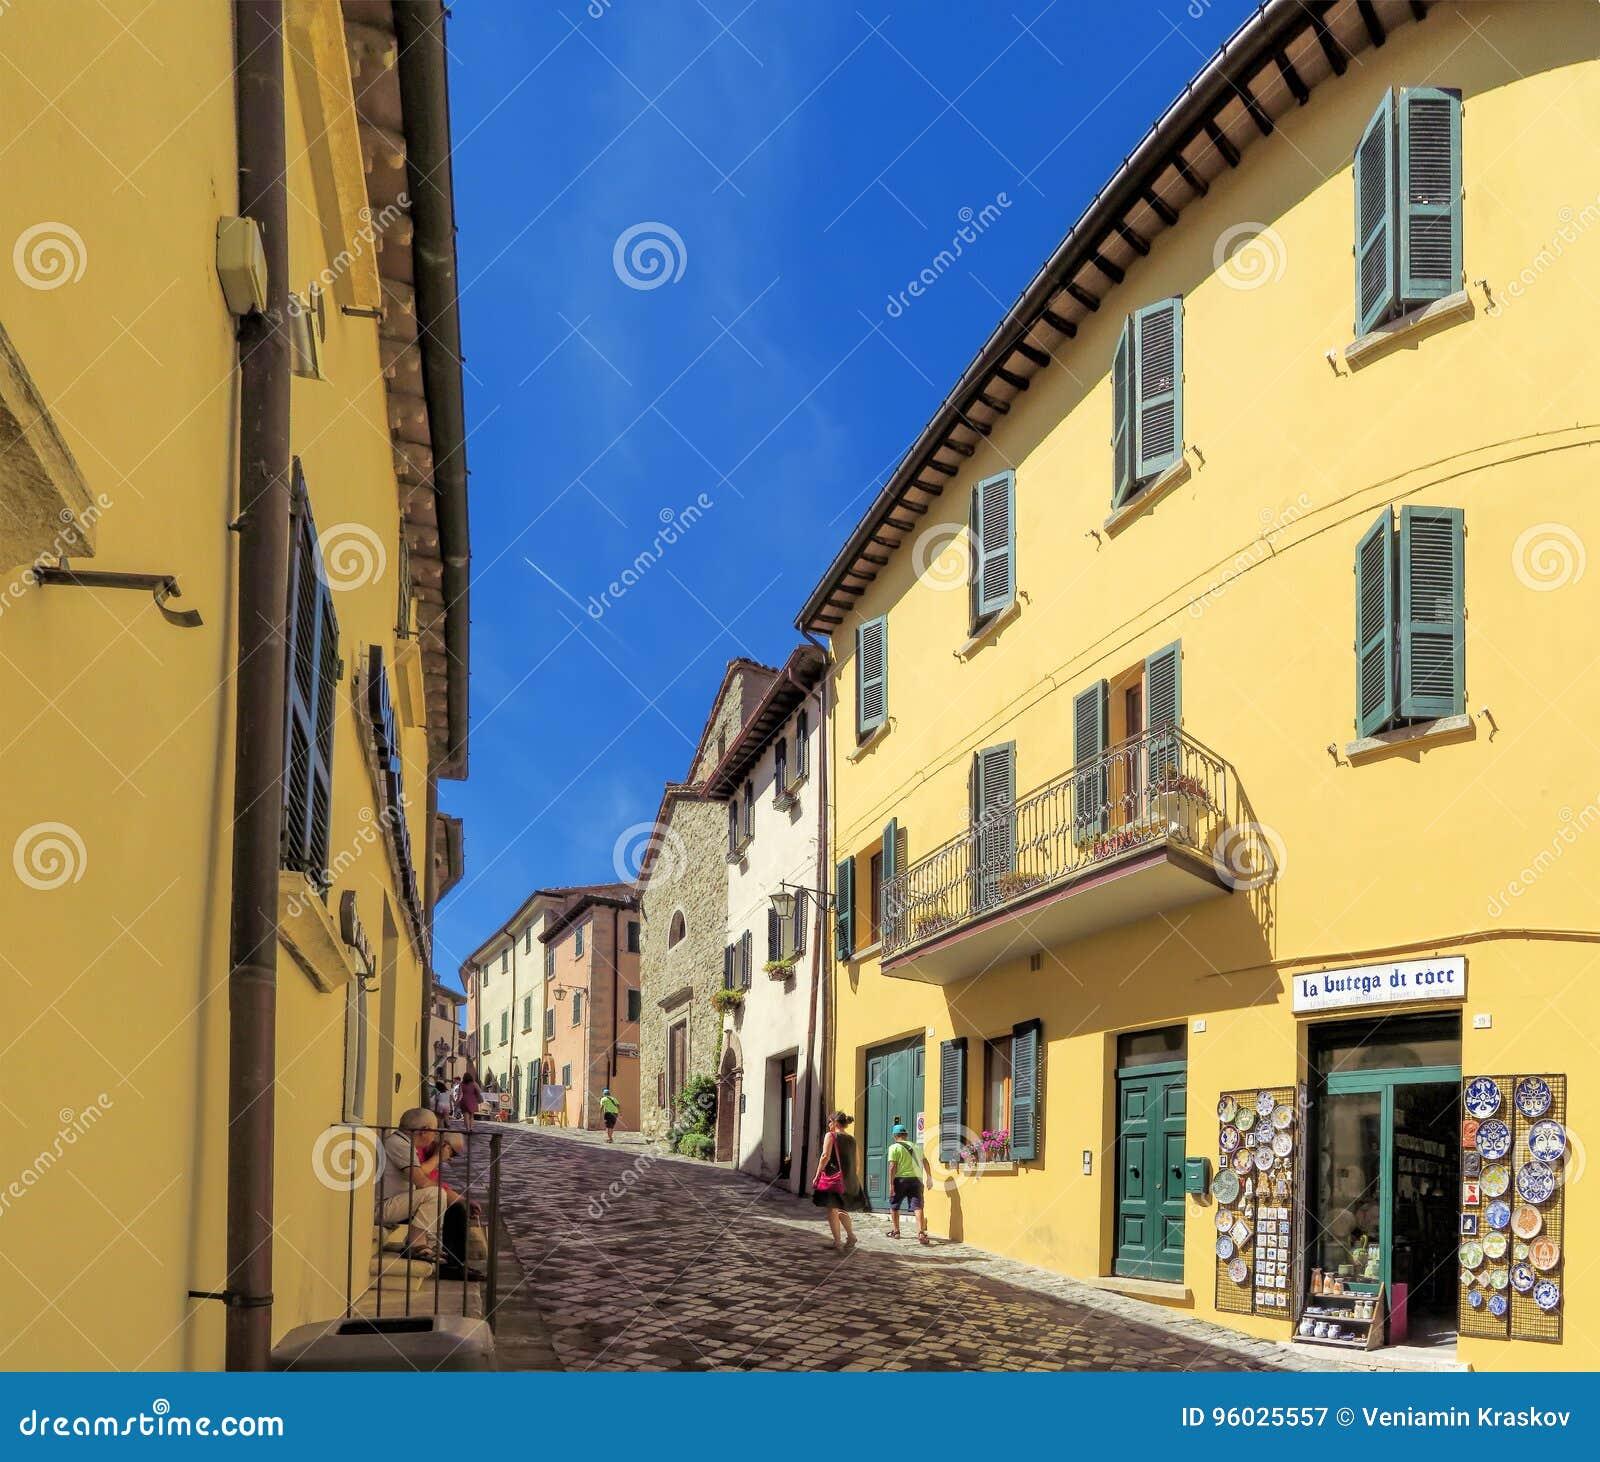 San Leo - ulica średniowieczna wioska